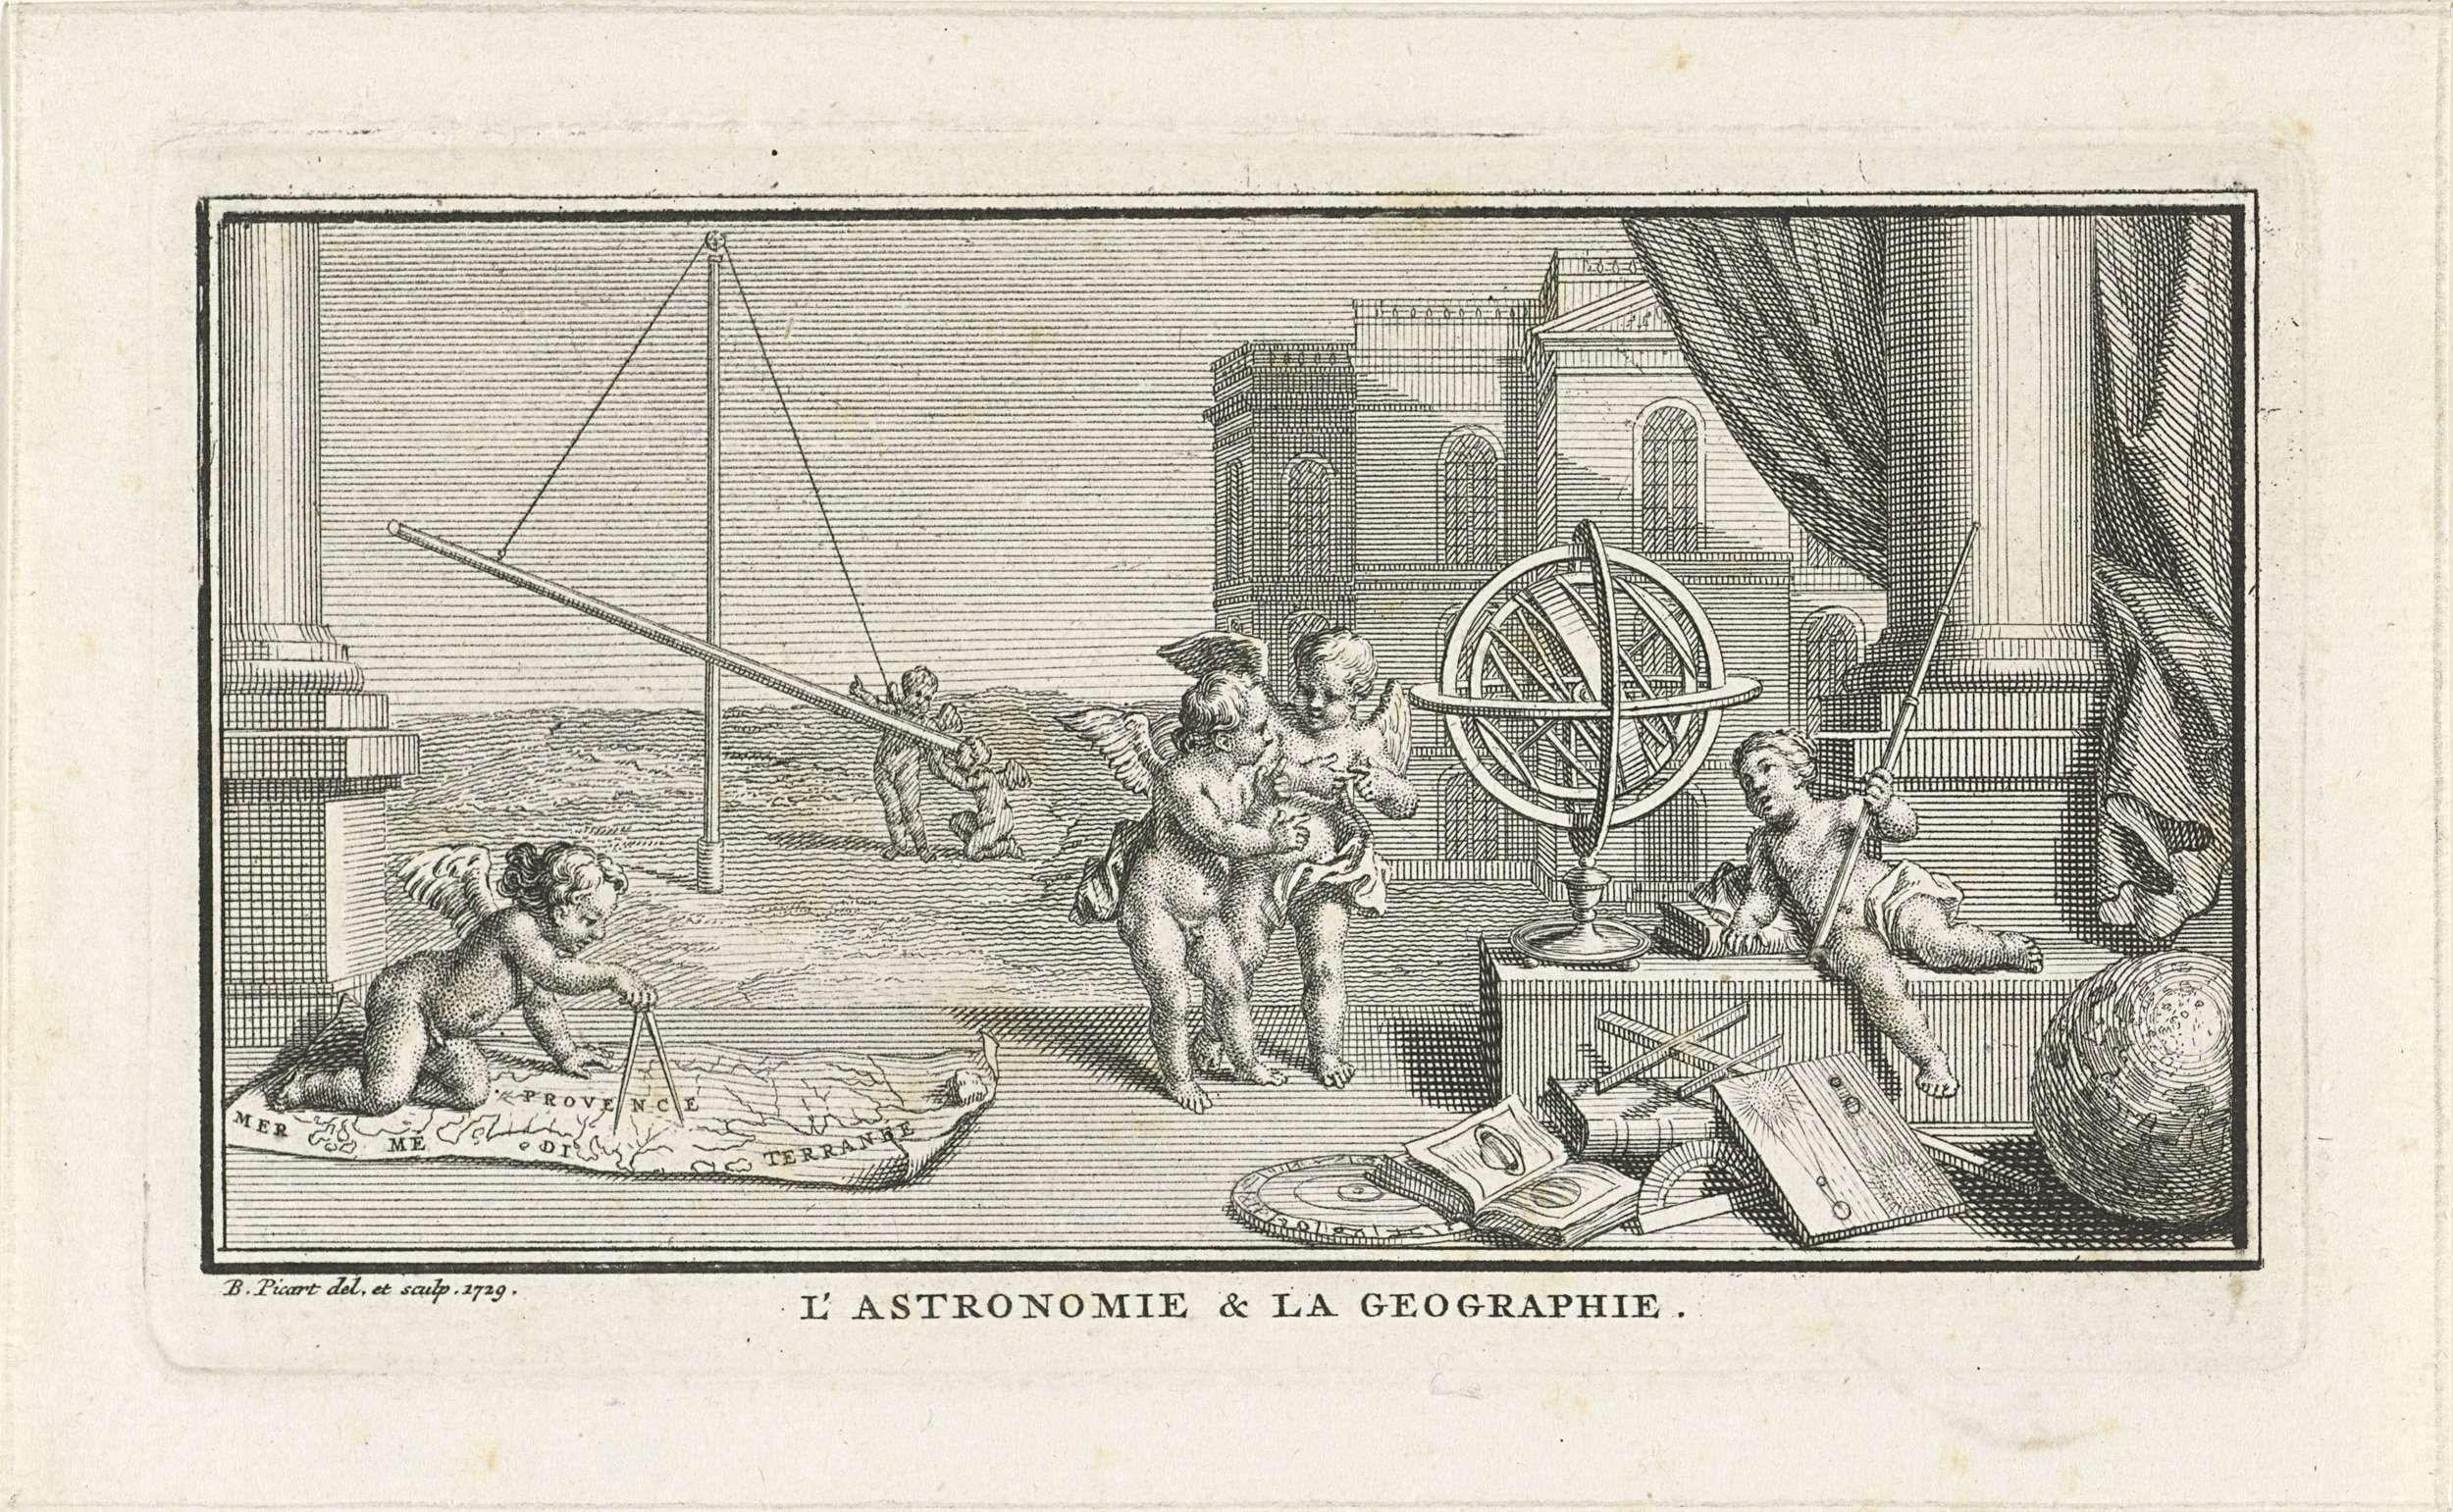 Bernard Picart | Allegorie op astronomie en geografie, Bernard Picart, 1729 | Putti in gesprek bij een globe. Een andere putto tekent met een passer op een landkaart. Op de achtergrond twee putti bij een sterrenkijker.